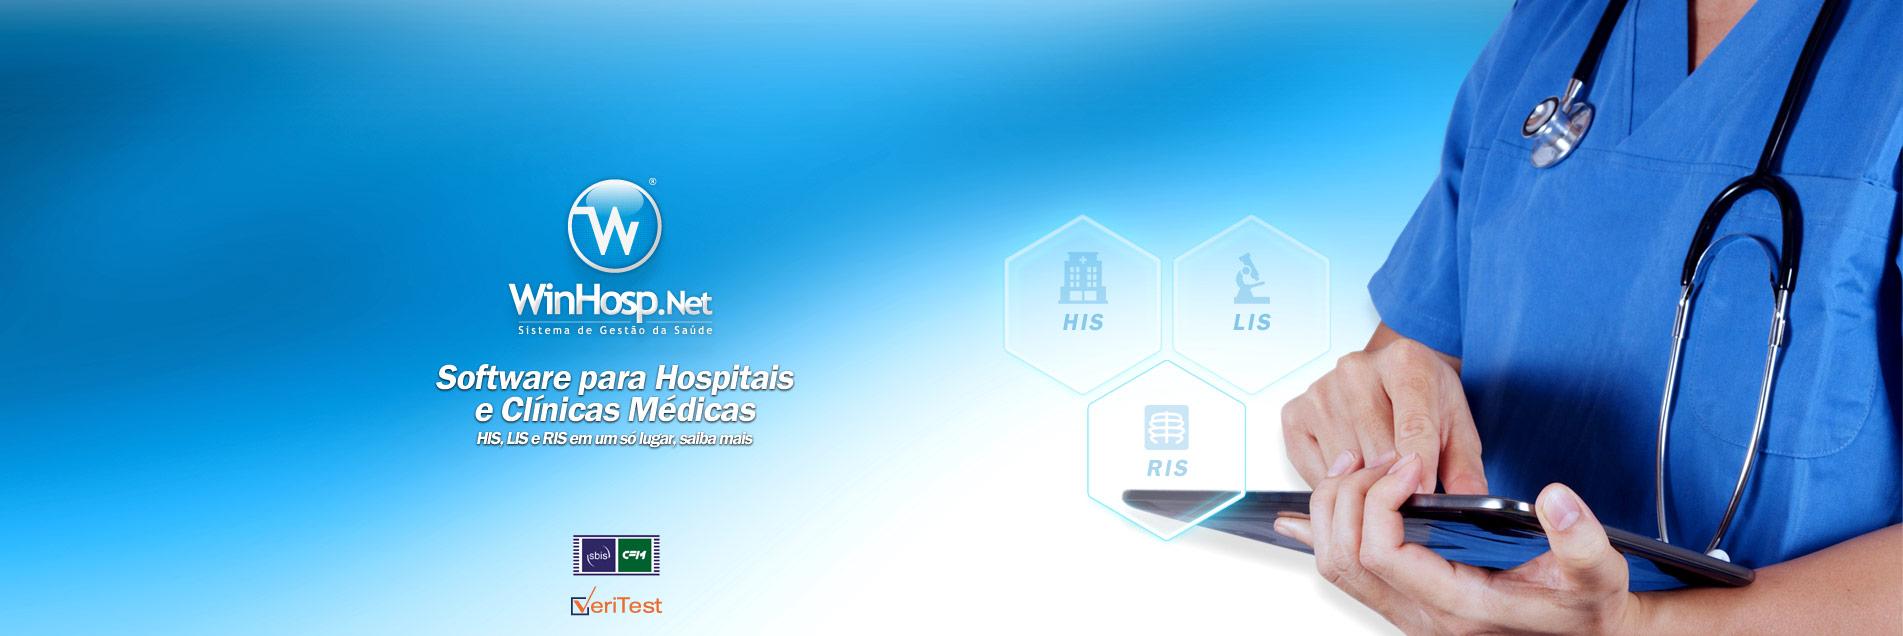 WinHosp: Gestão da Saúde